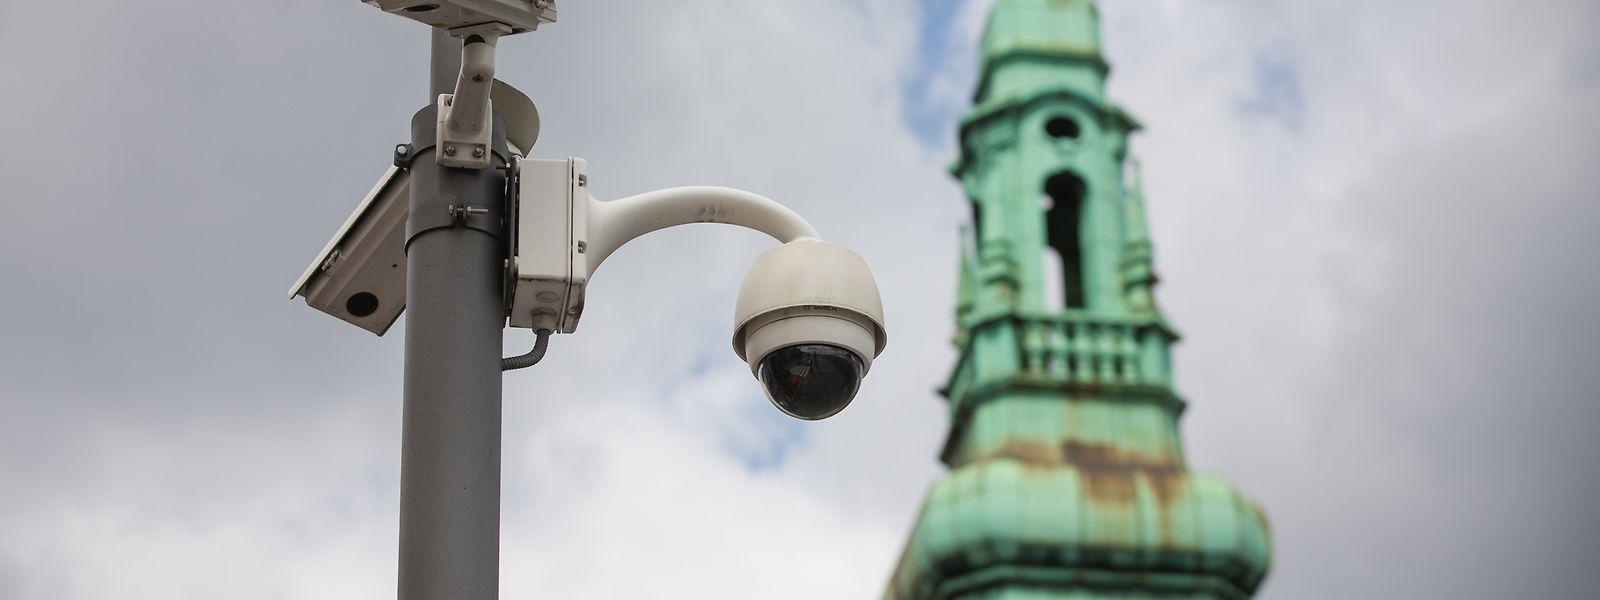 Seit 2017 wird der Bahnhofsvorplatz kameraüberwacht.